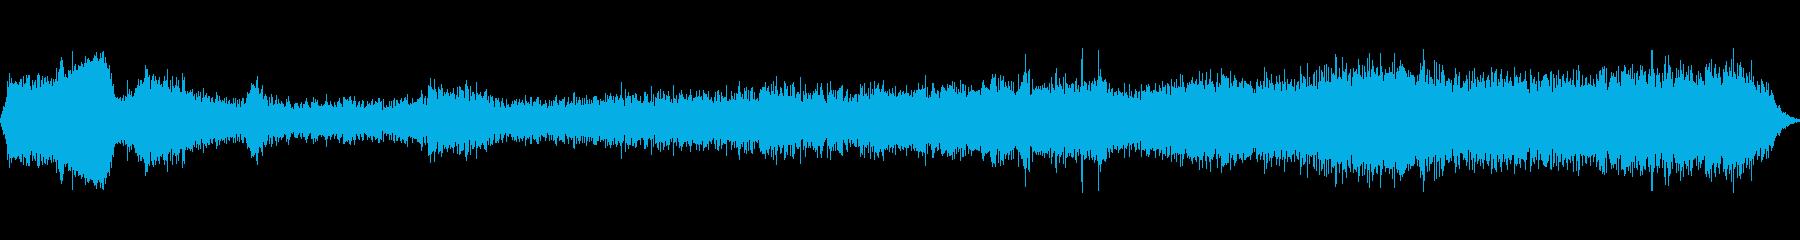 鳴き声で素早く引っ張り、距離を置い...の再生済みの波形